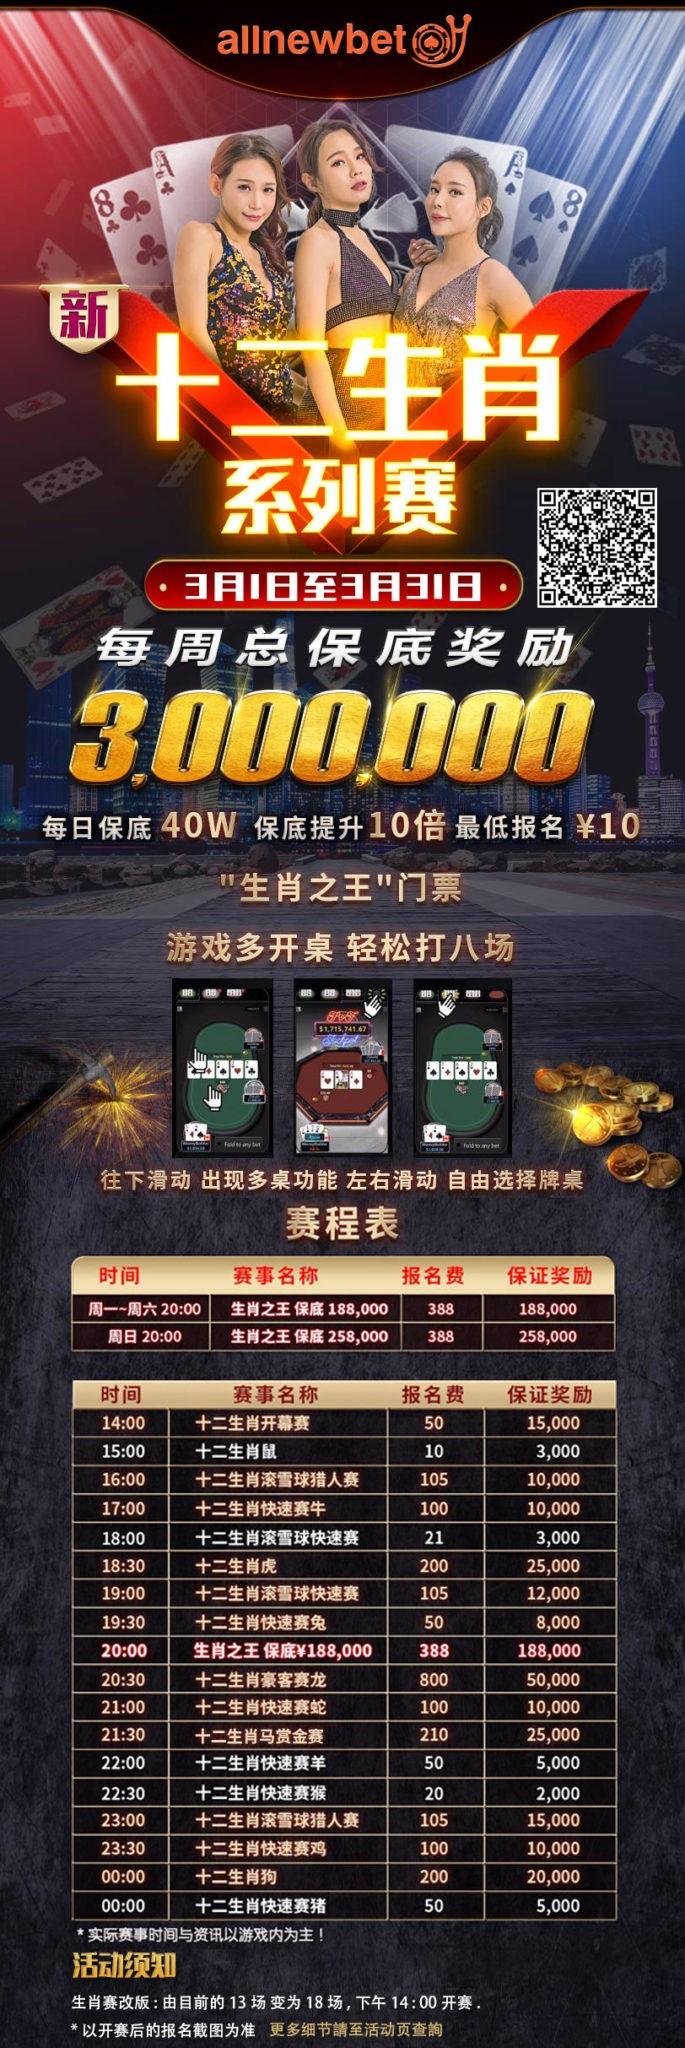 蜗牛扑克免费赛 总保底350,000免费赛限量开赛,欢迎旧雨新知 立即体验!